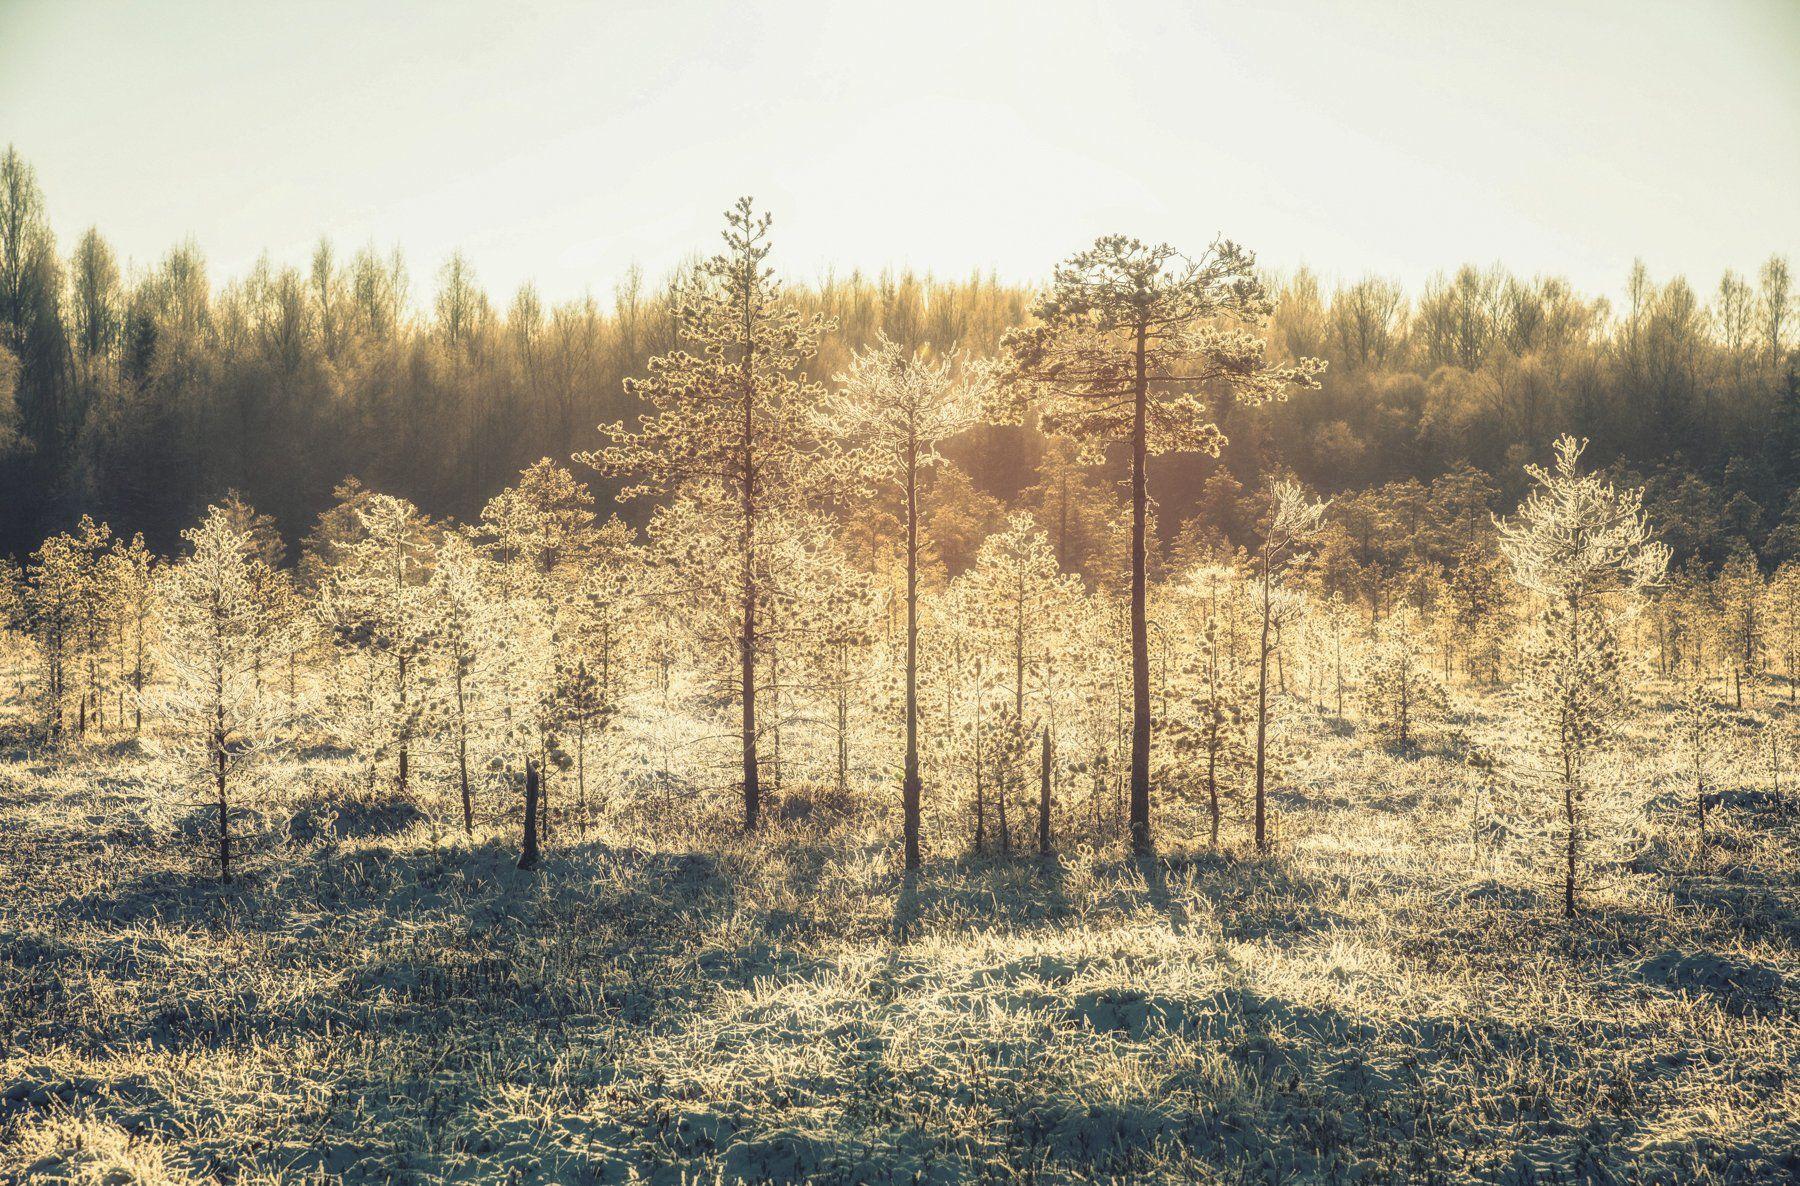 природа, сосны, лес, болото, утро, иней, Дмитрий Иванов